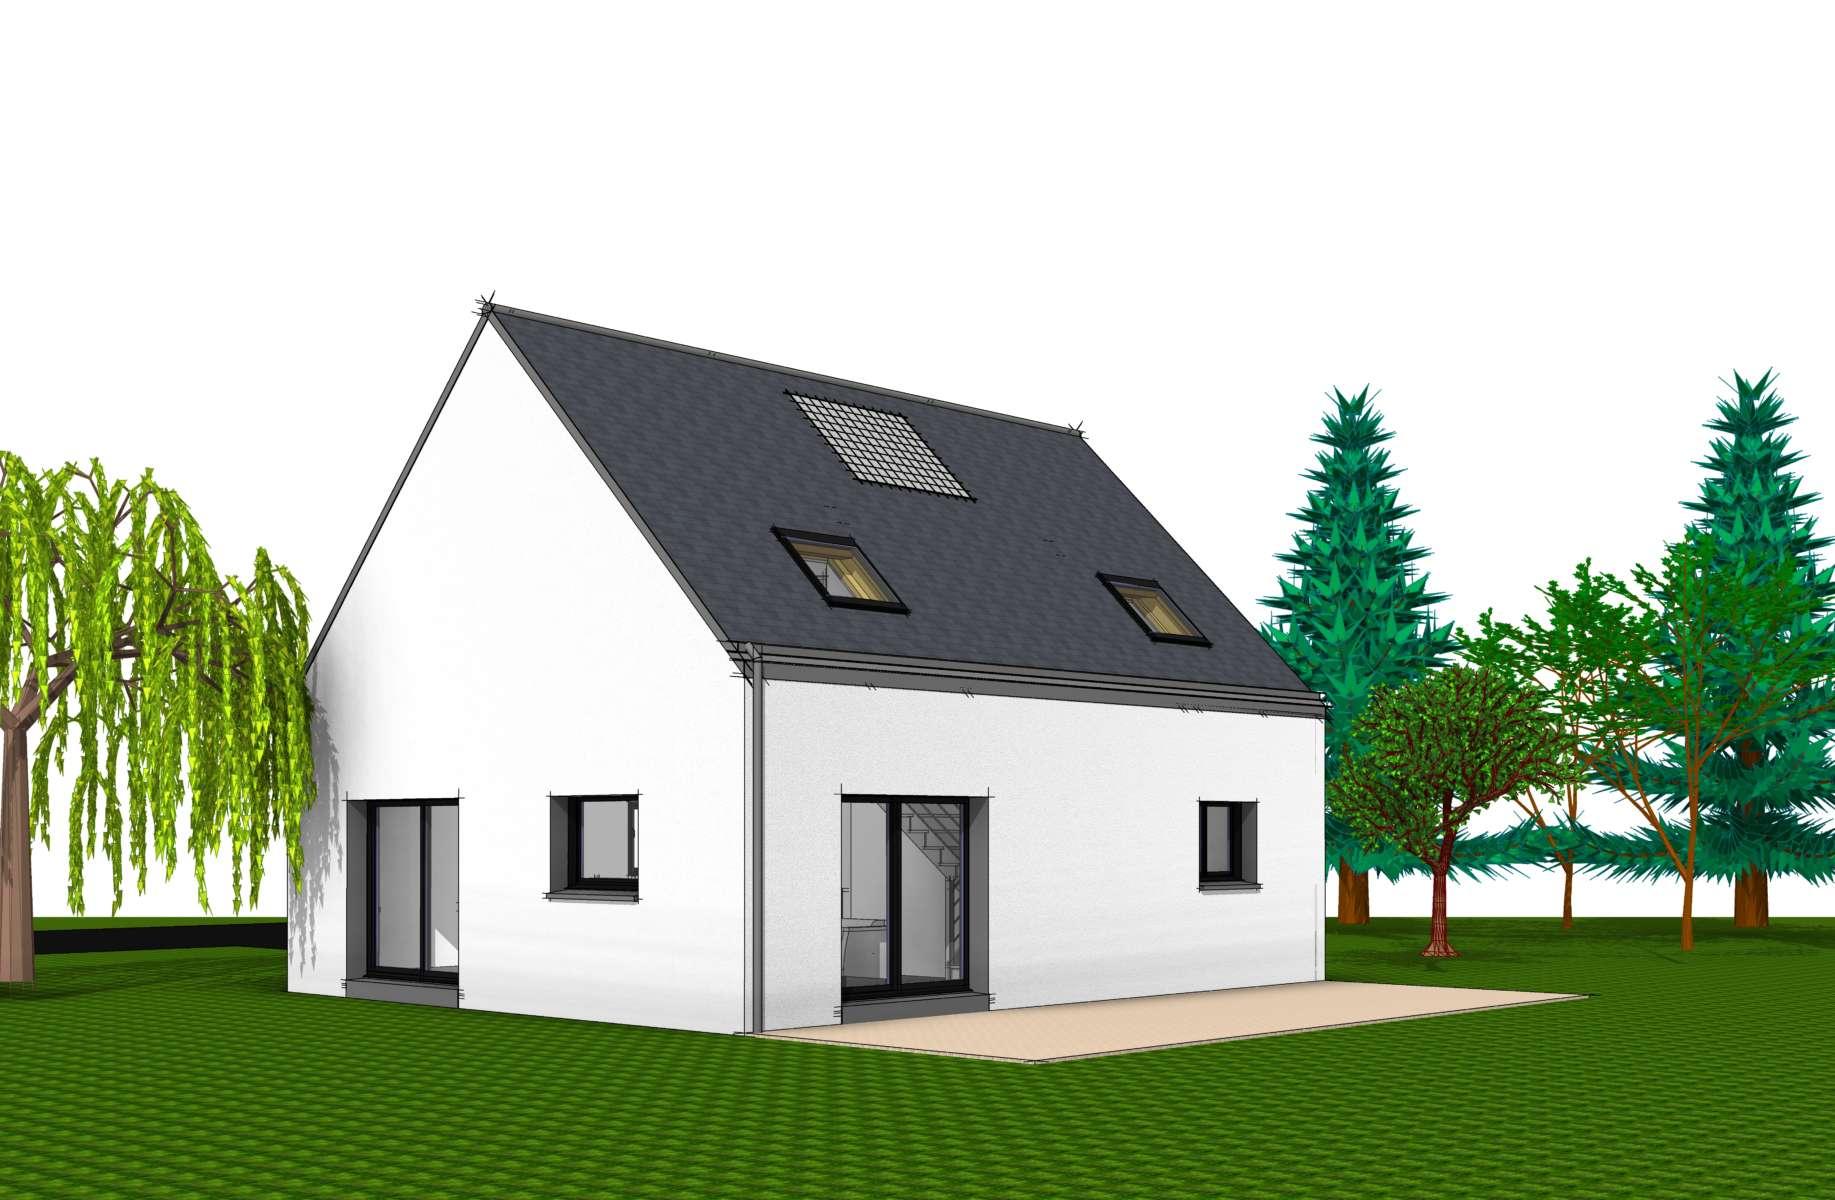 Maison modèle CEZANNE - Perspective dessin